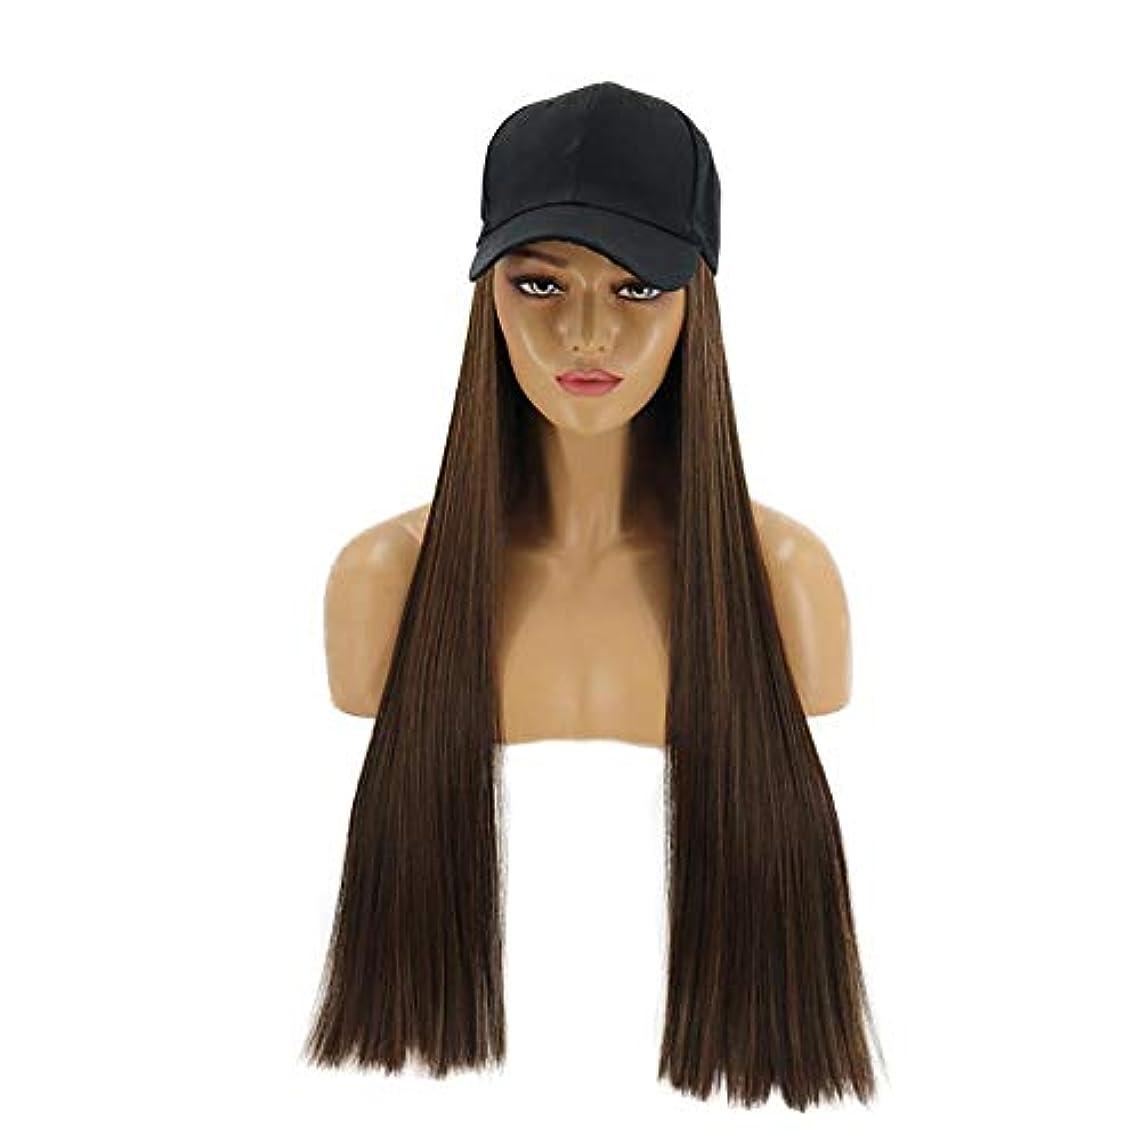 スカリー入手しますマークダウンHAILAN HOME-かつら ライトブラウンファッションの女性ウィッグワンピース帽子ウィッグ先見Unbowed髪ハット62センチメートルワンピース取り外し可能 (色 : Light brown)